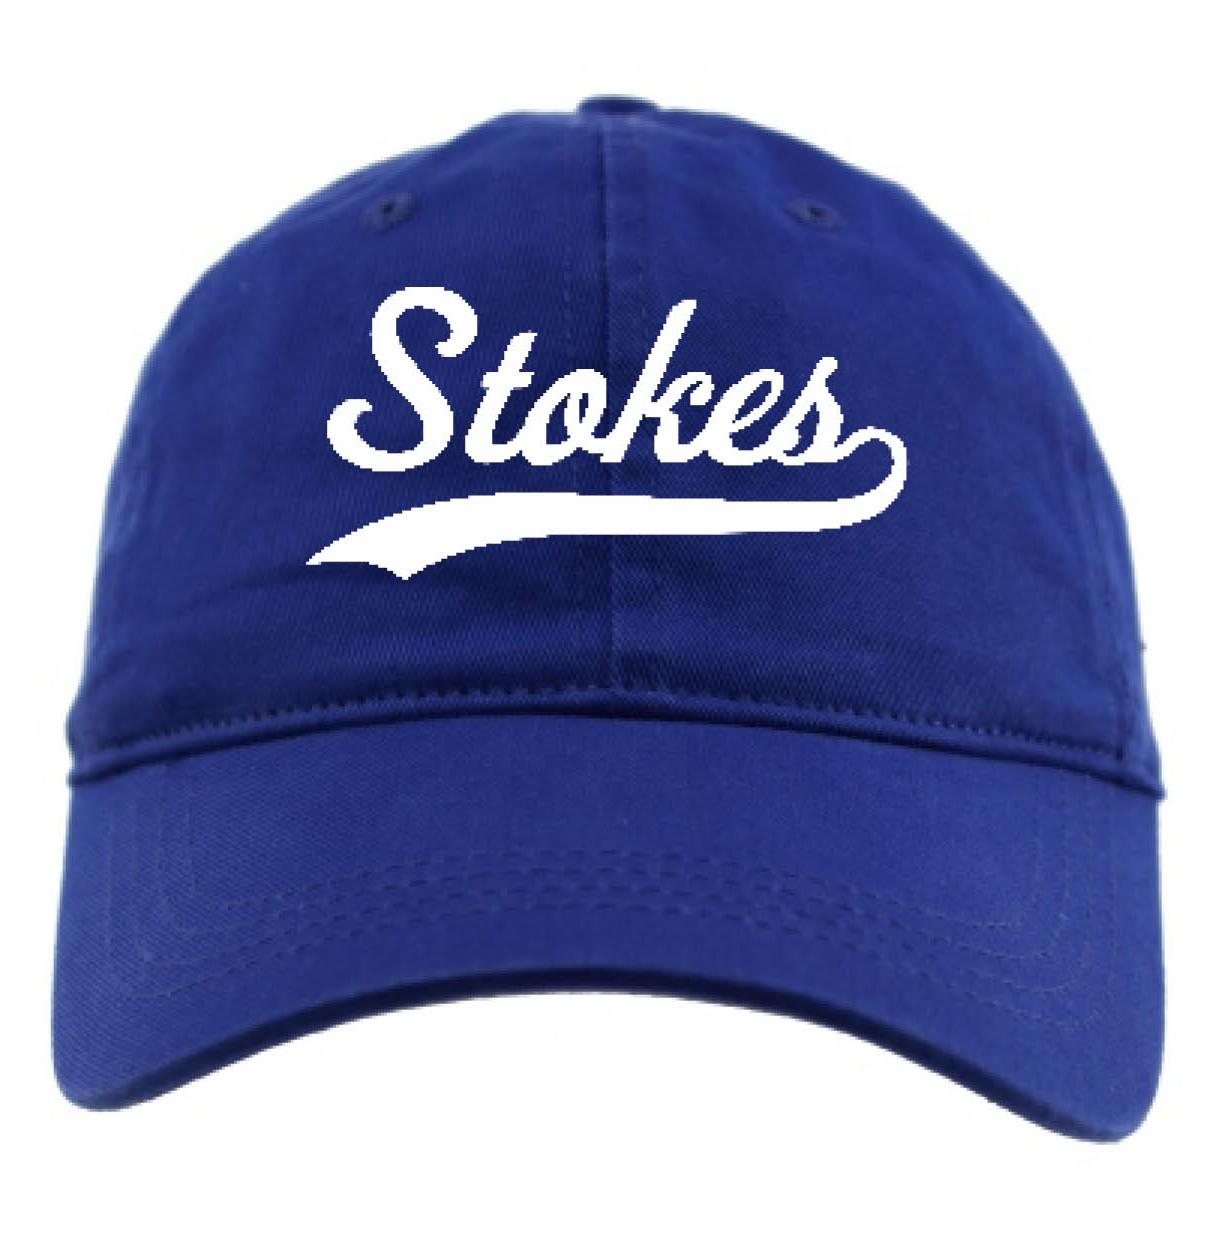 Stokes Swoosh Cap